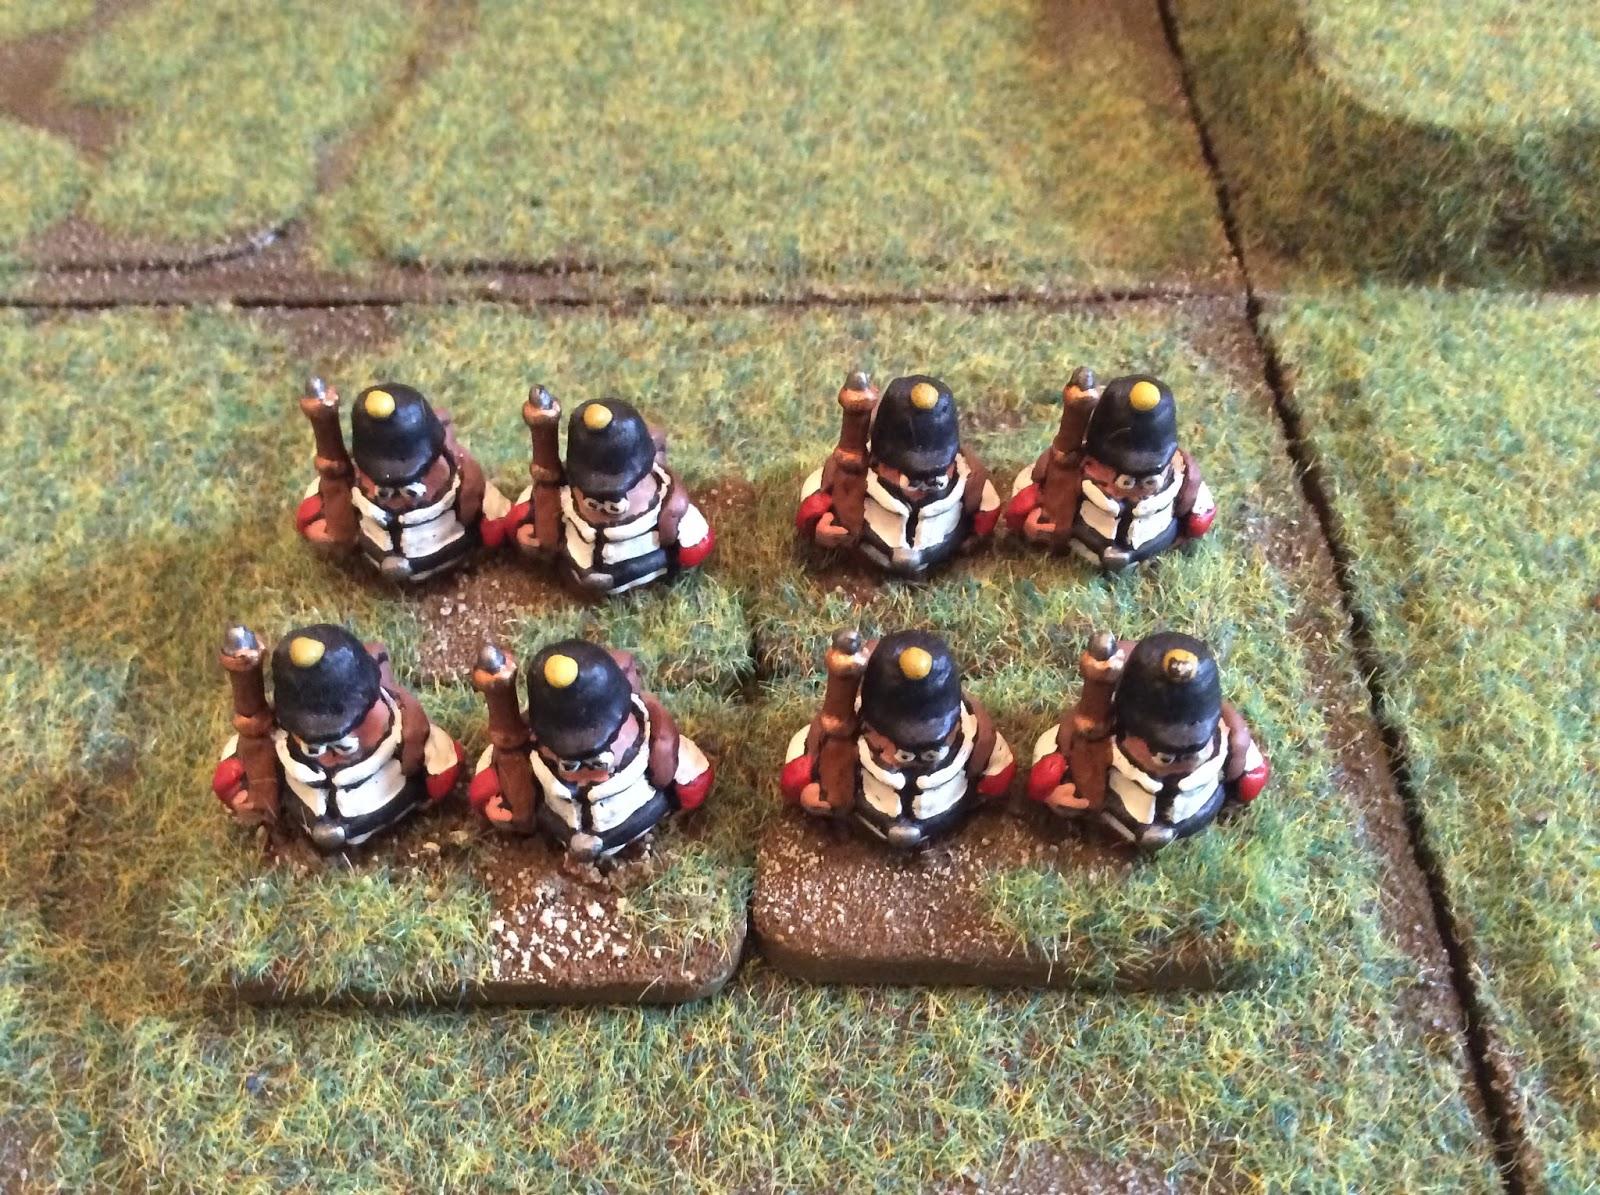 GrosseKleinStadt Infantry